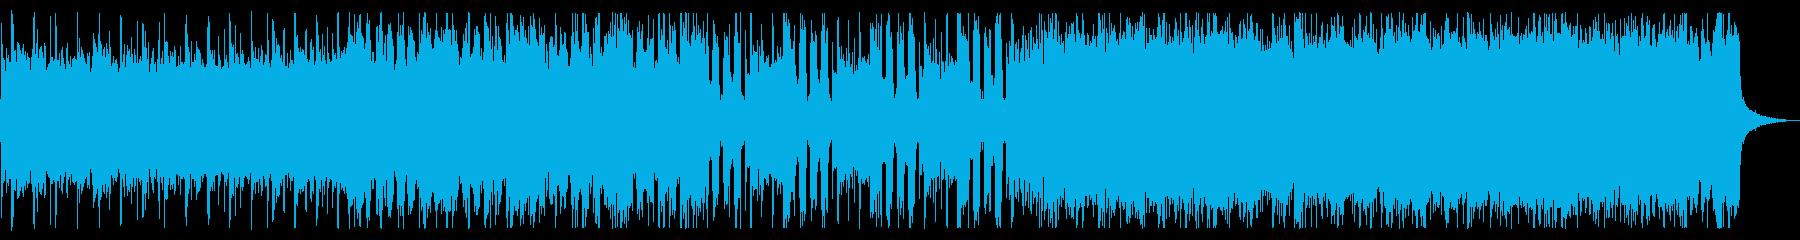 疾走感/パワー/ロック_No463_3の再生済みの波形